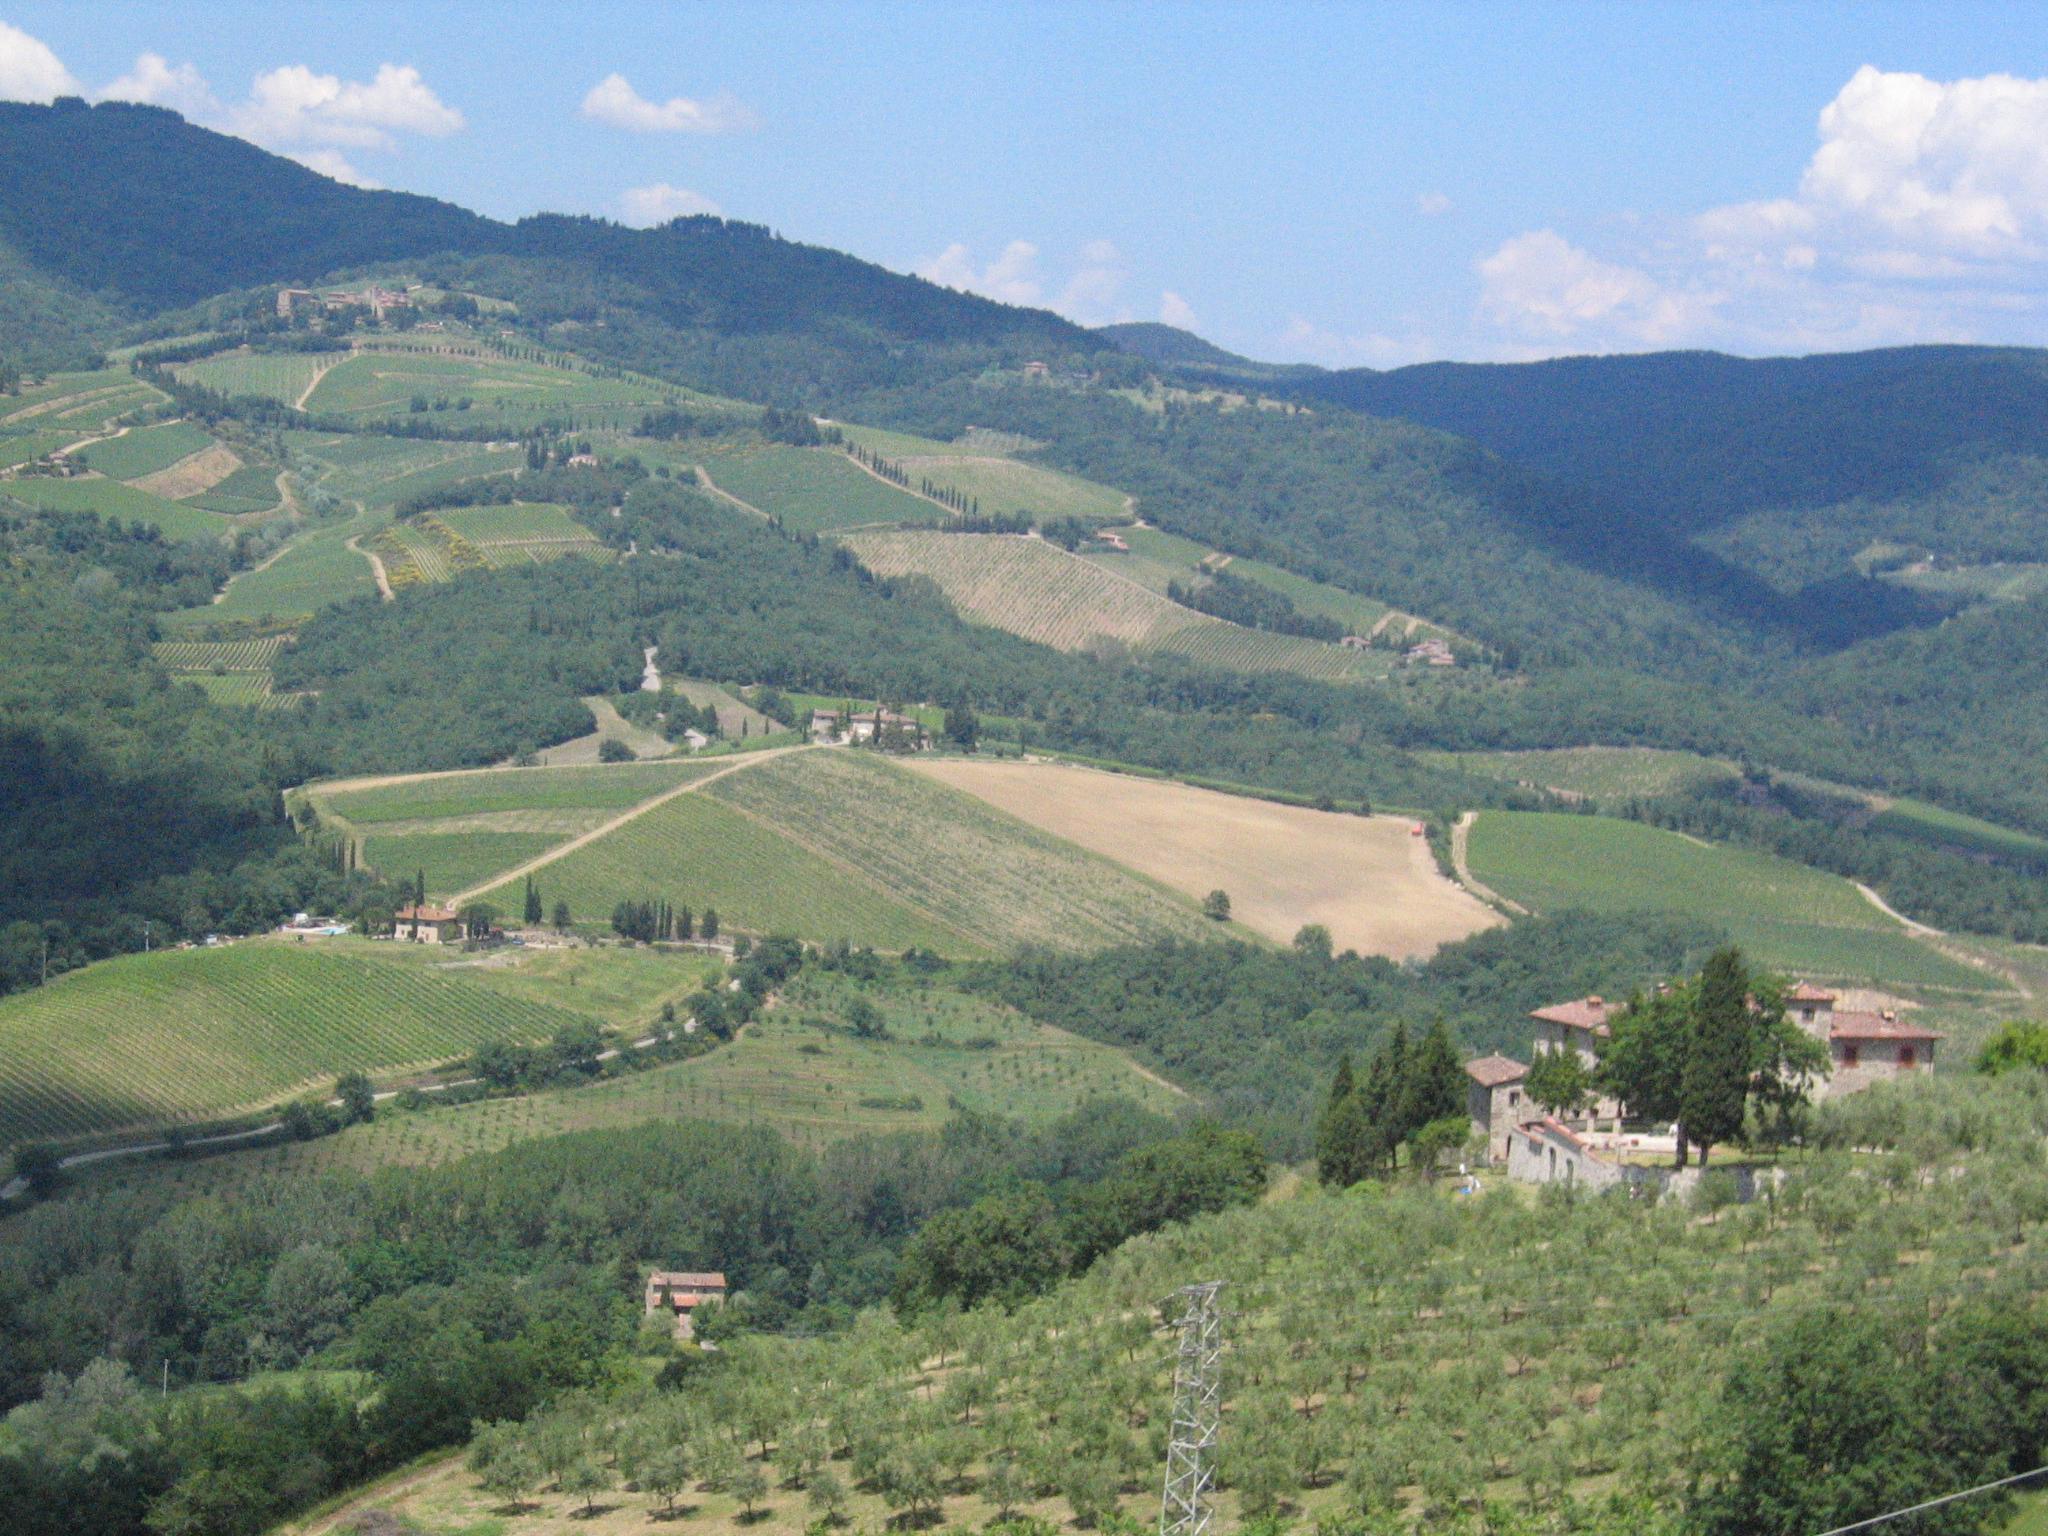 Radda in Chianti Italy  city images : Radda, Tuscany views 2008 Wikimedia Commons